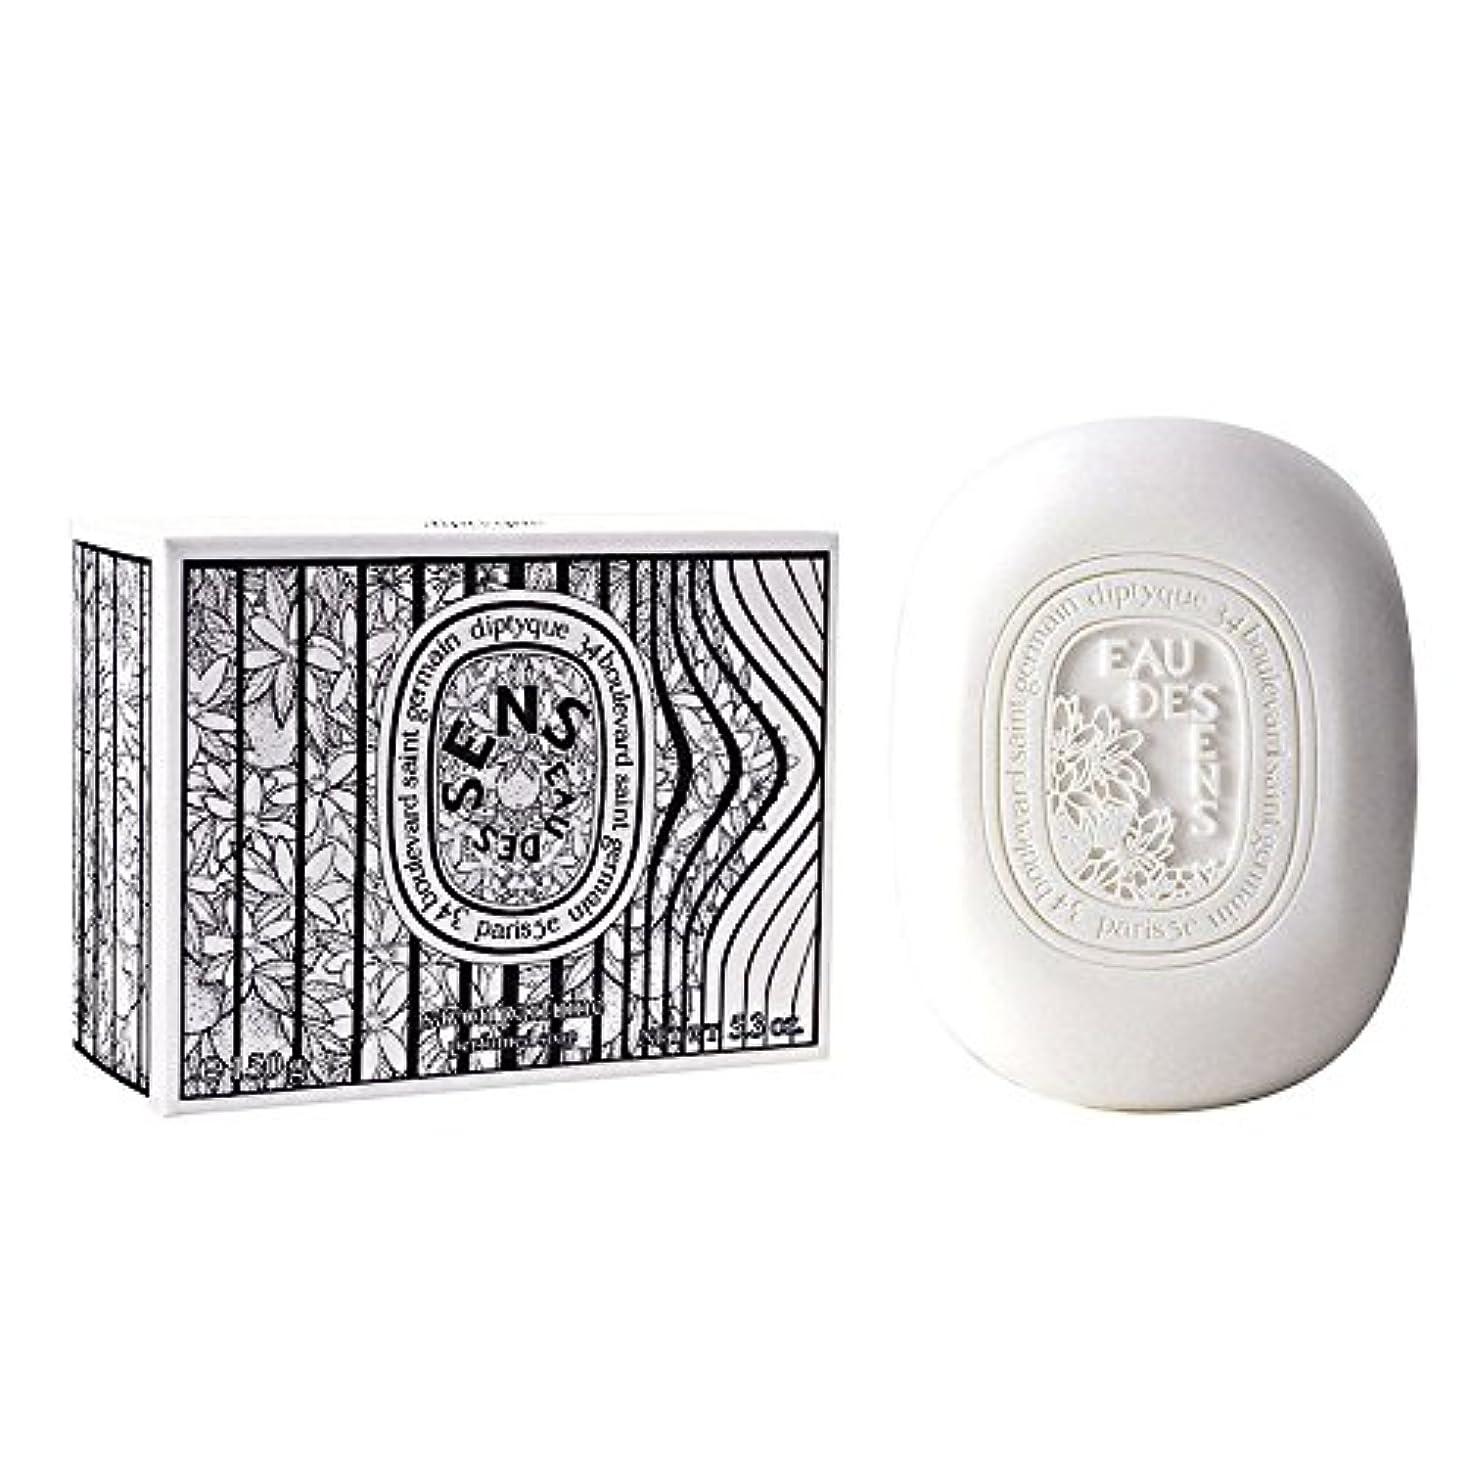 横たわるテレビダイヤモンドDiptyque Eau Des Sens (ディプティック オー デ センス) 150g Soap (石けん) for Women